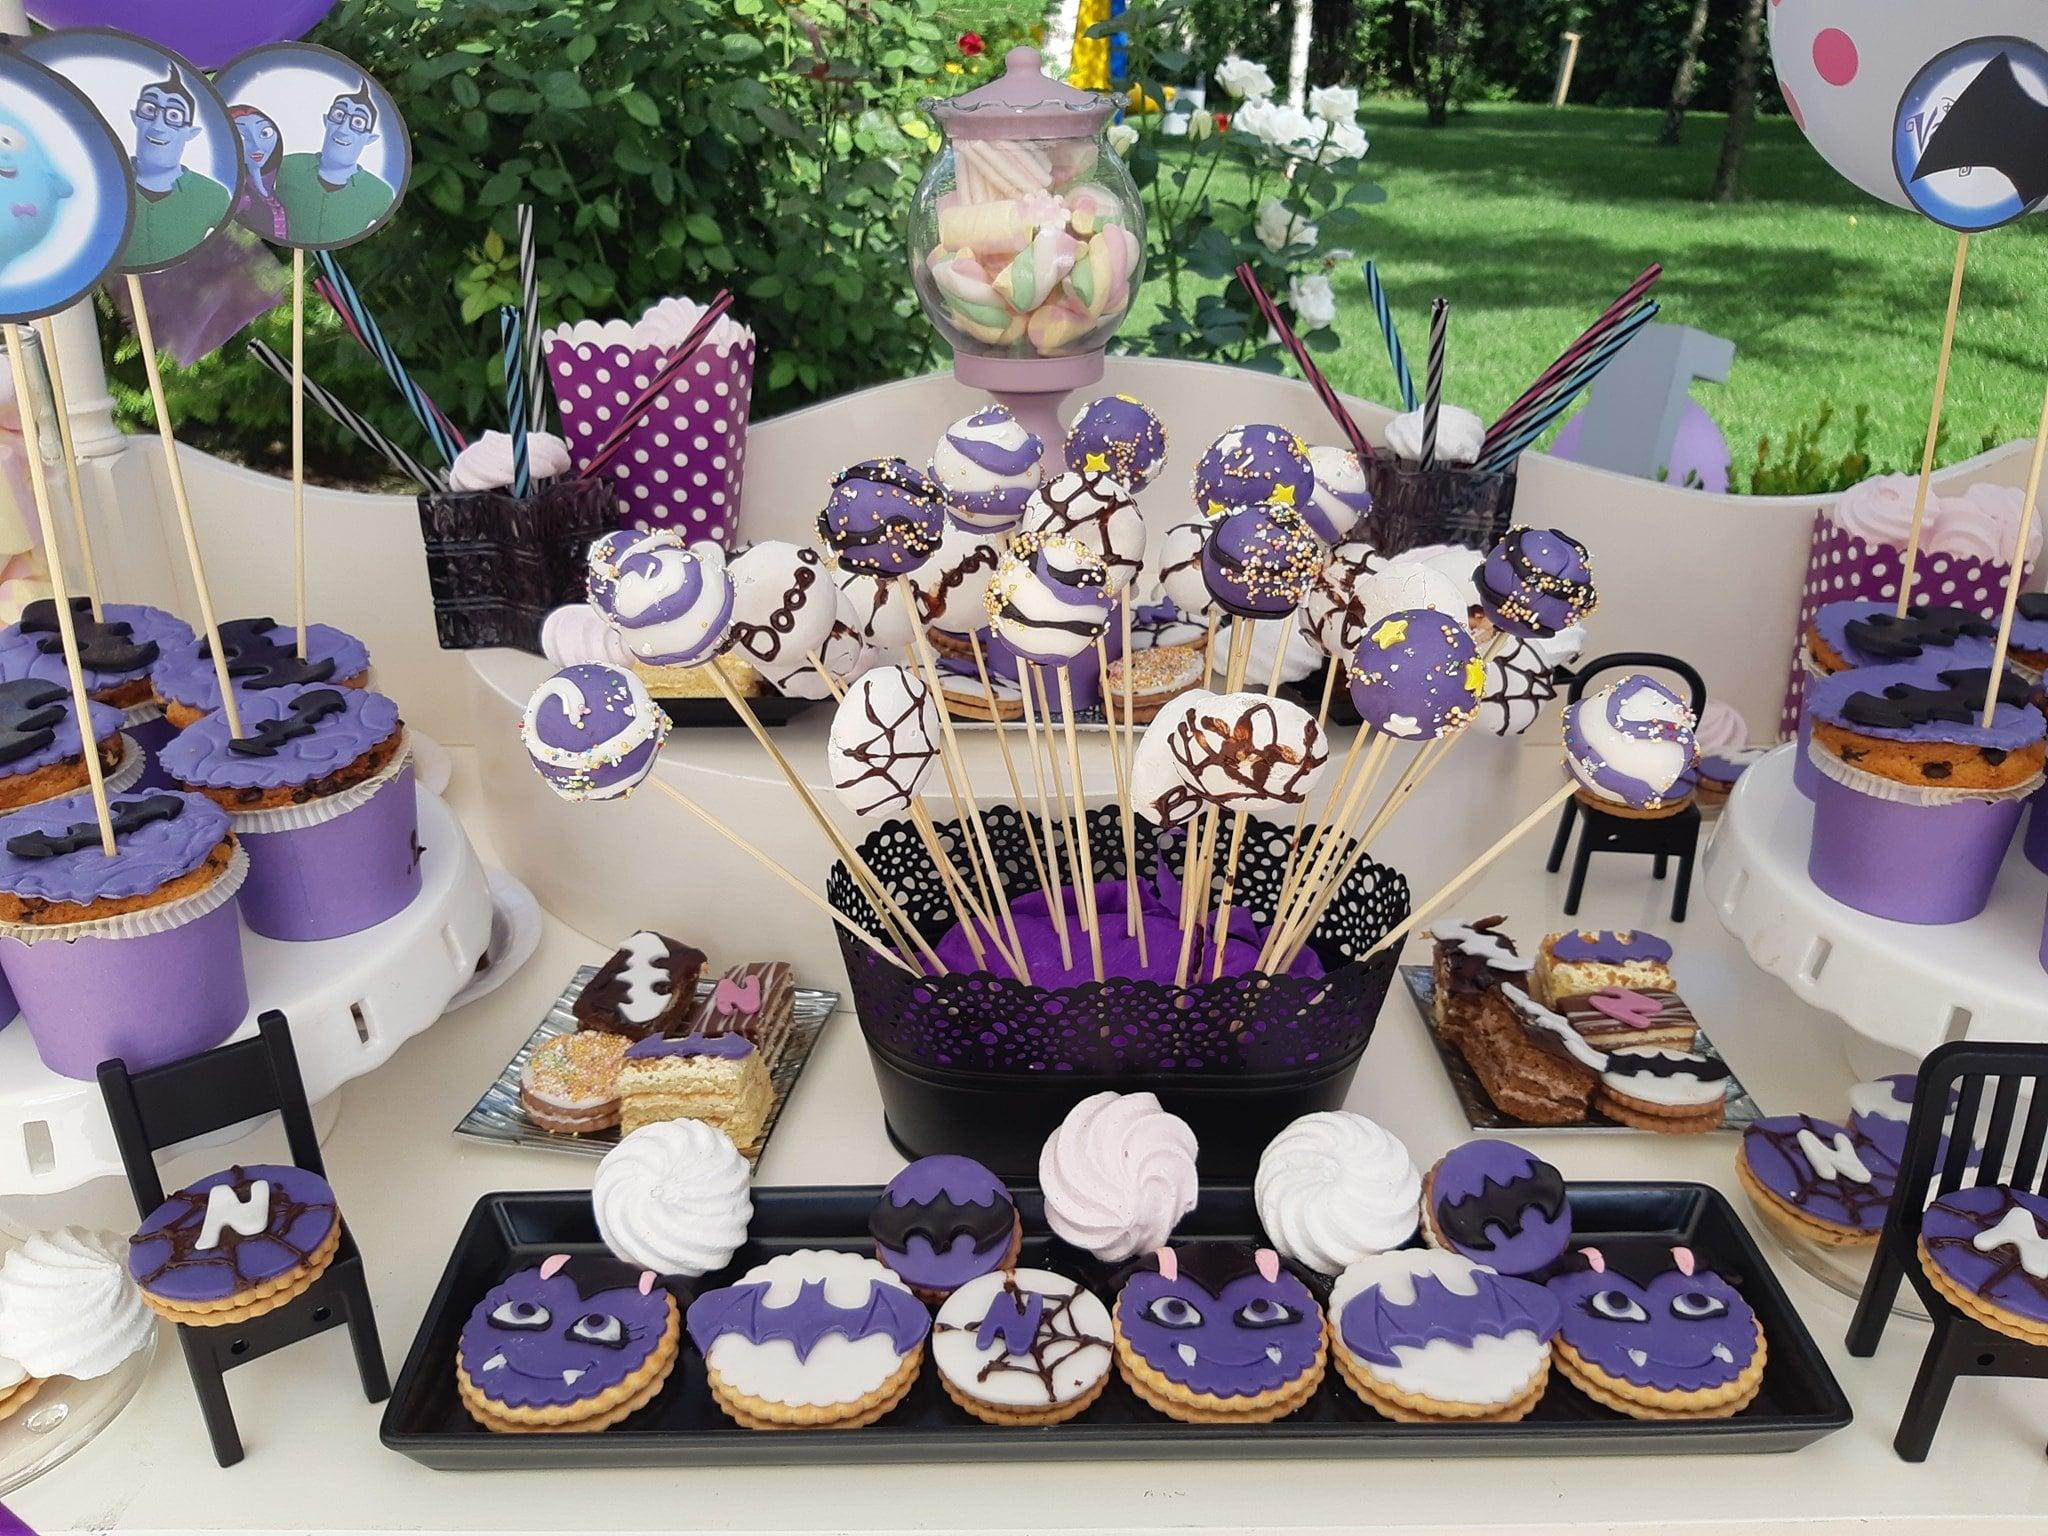 Un tort de nunta plin de orhidee, potrivit pentru o nunta